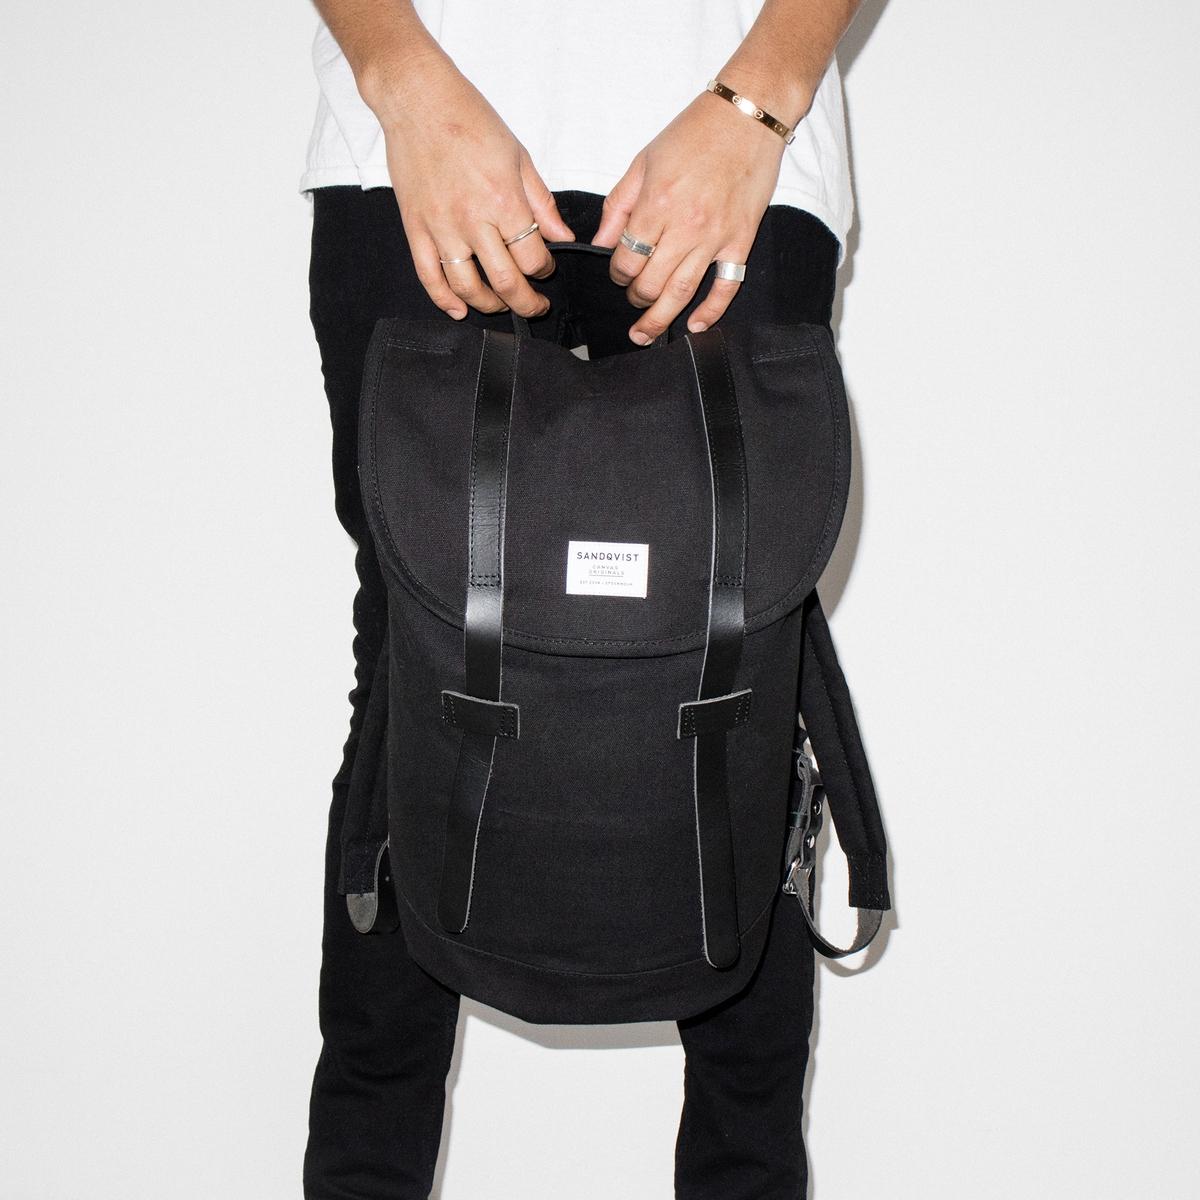 Рюкзак с отделением для компьютера 14L рюкзаки zipit рюкзак reflecto со встроенным светоотражающим отделением цвет серый